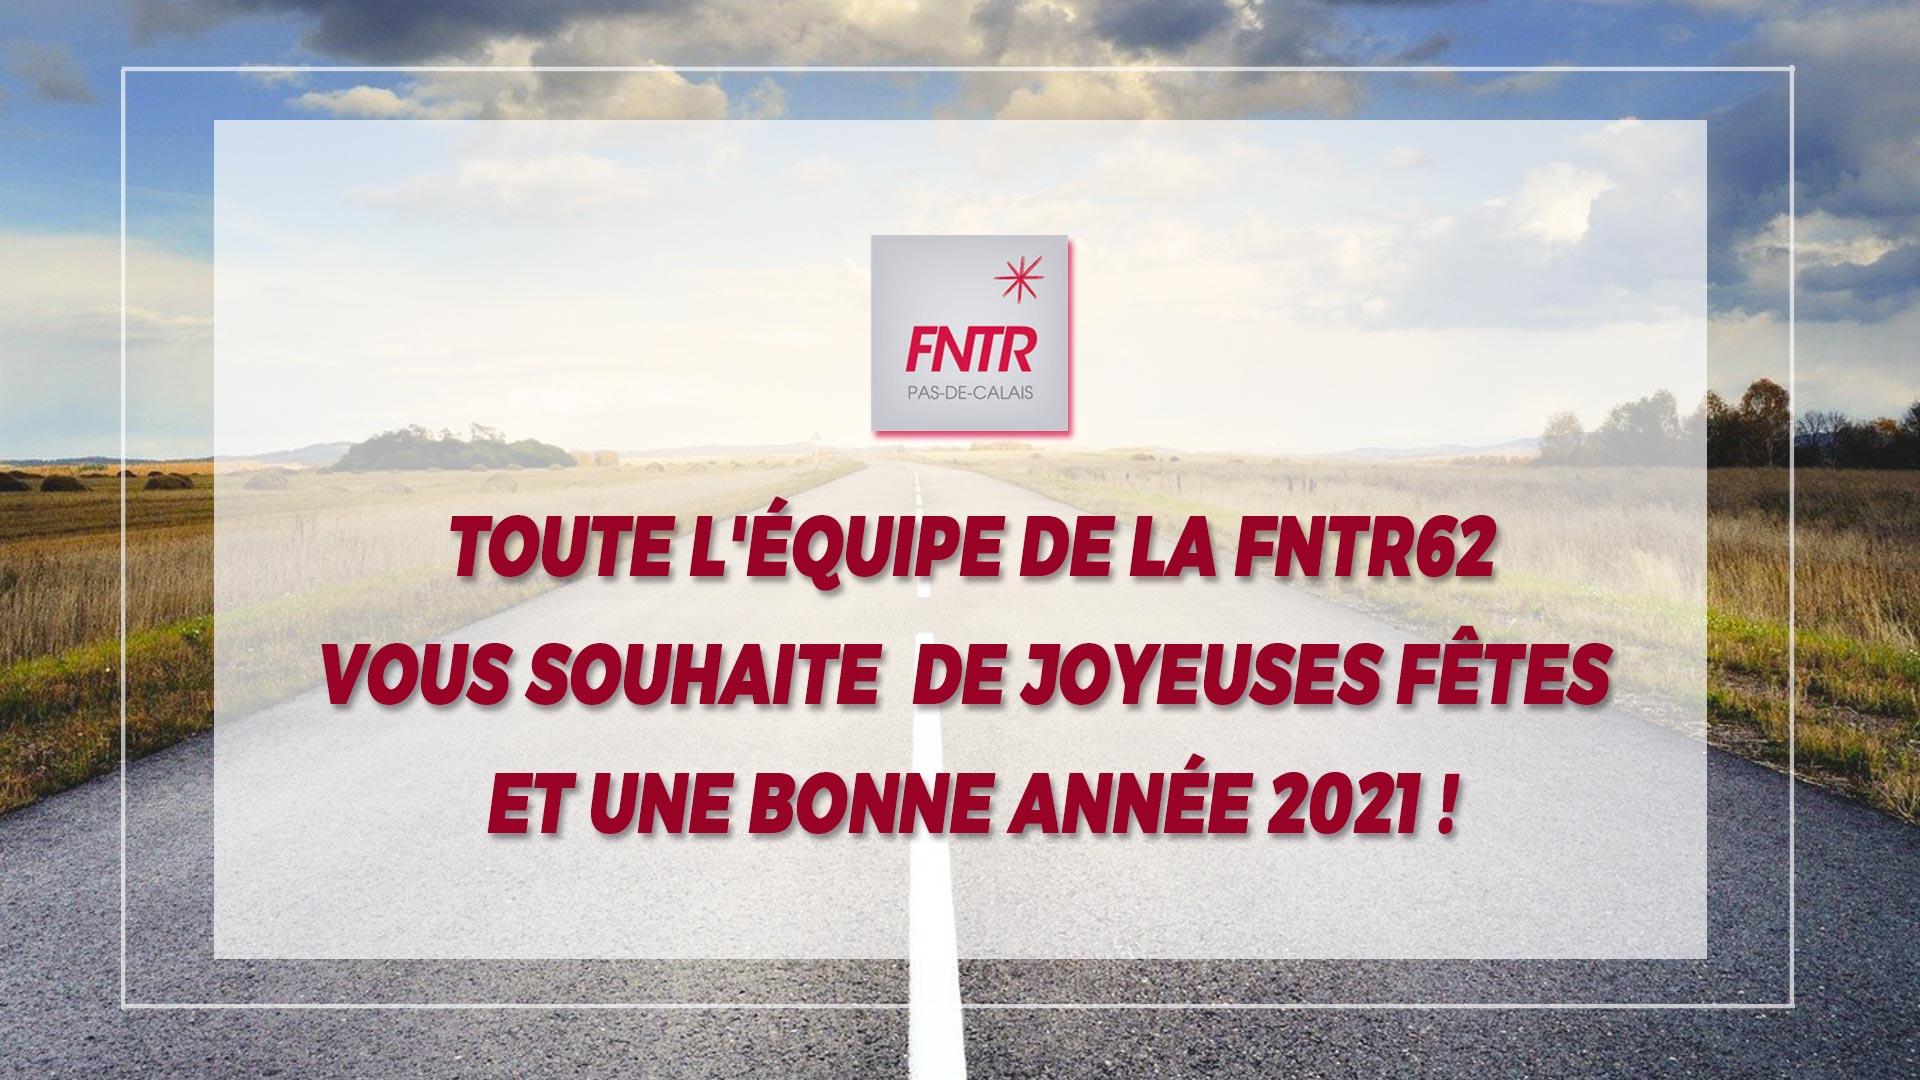 FNTR62-v2.jpg